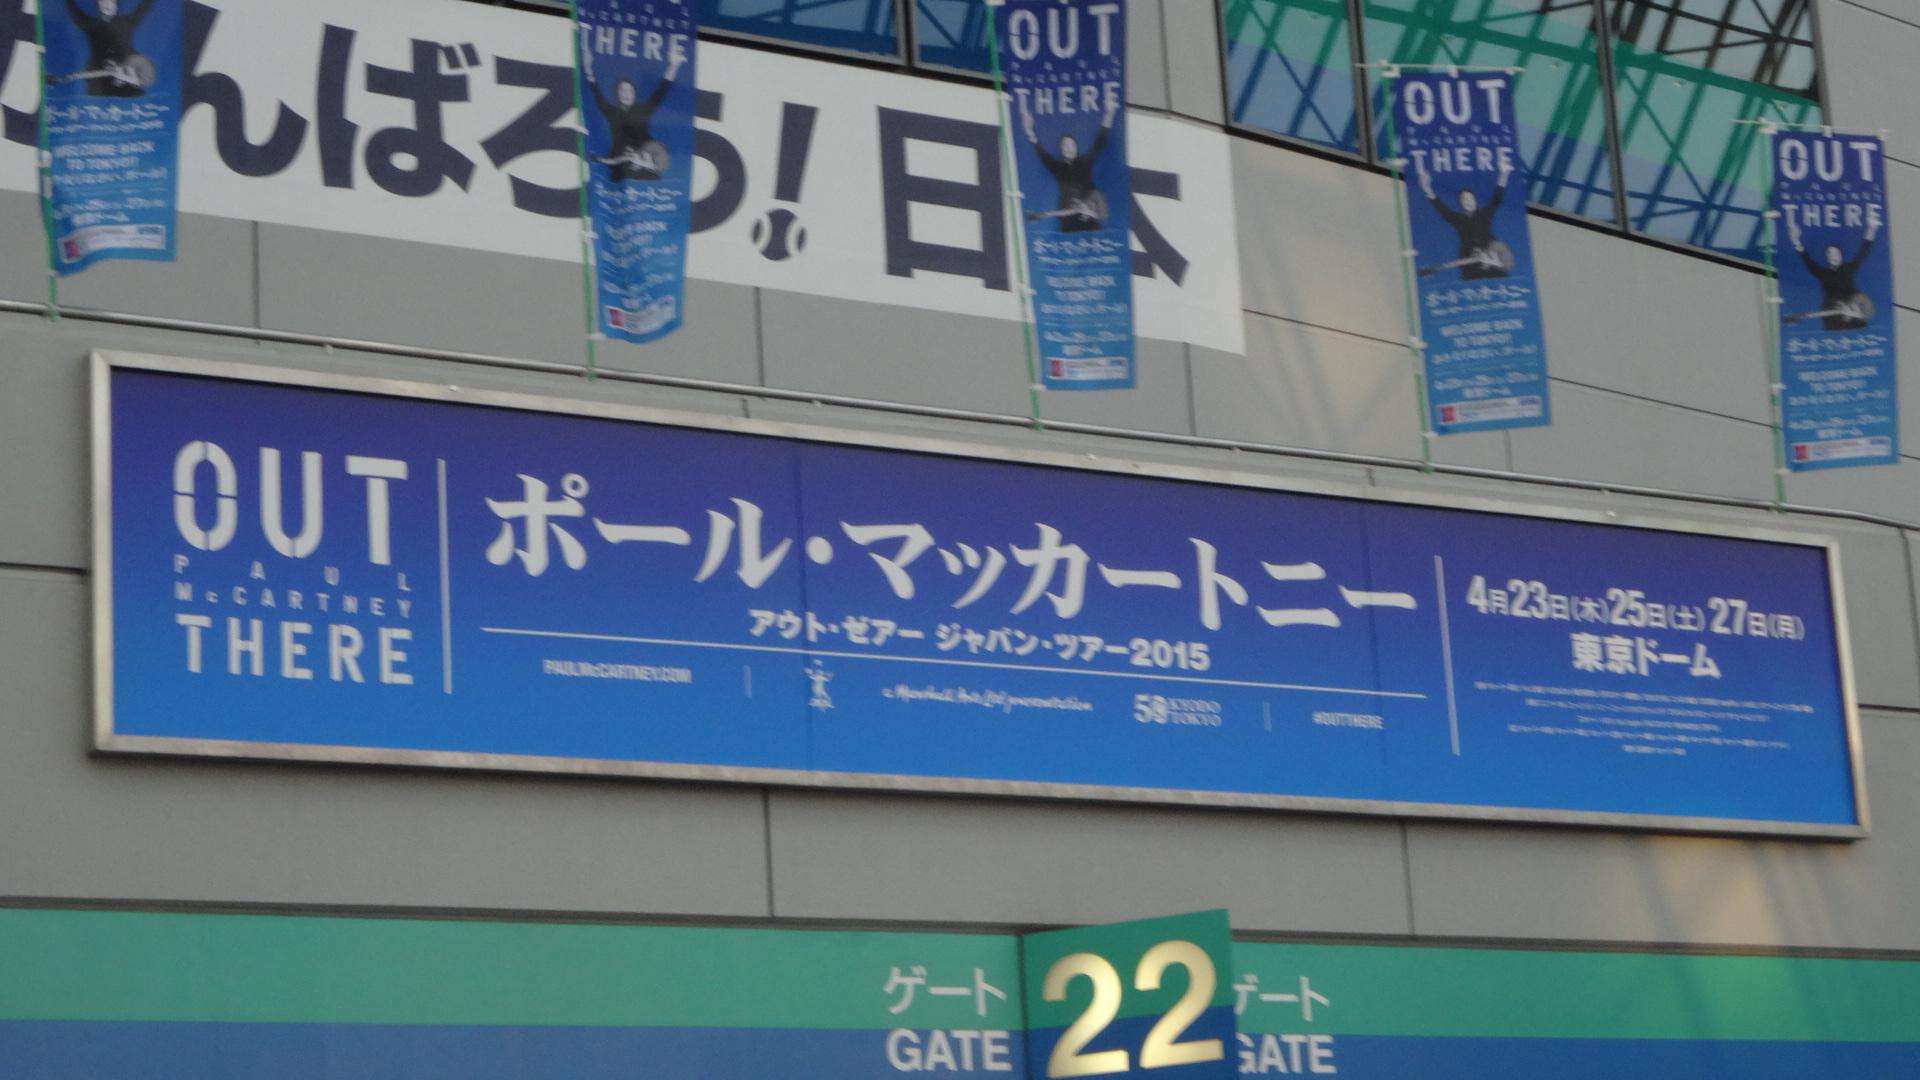 ポール・マッカートニーの公演の看板